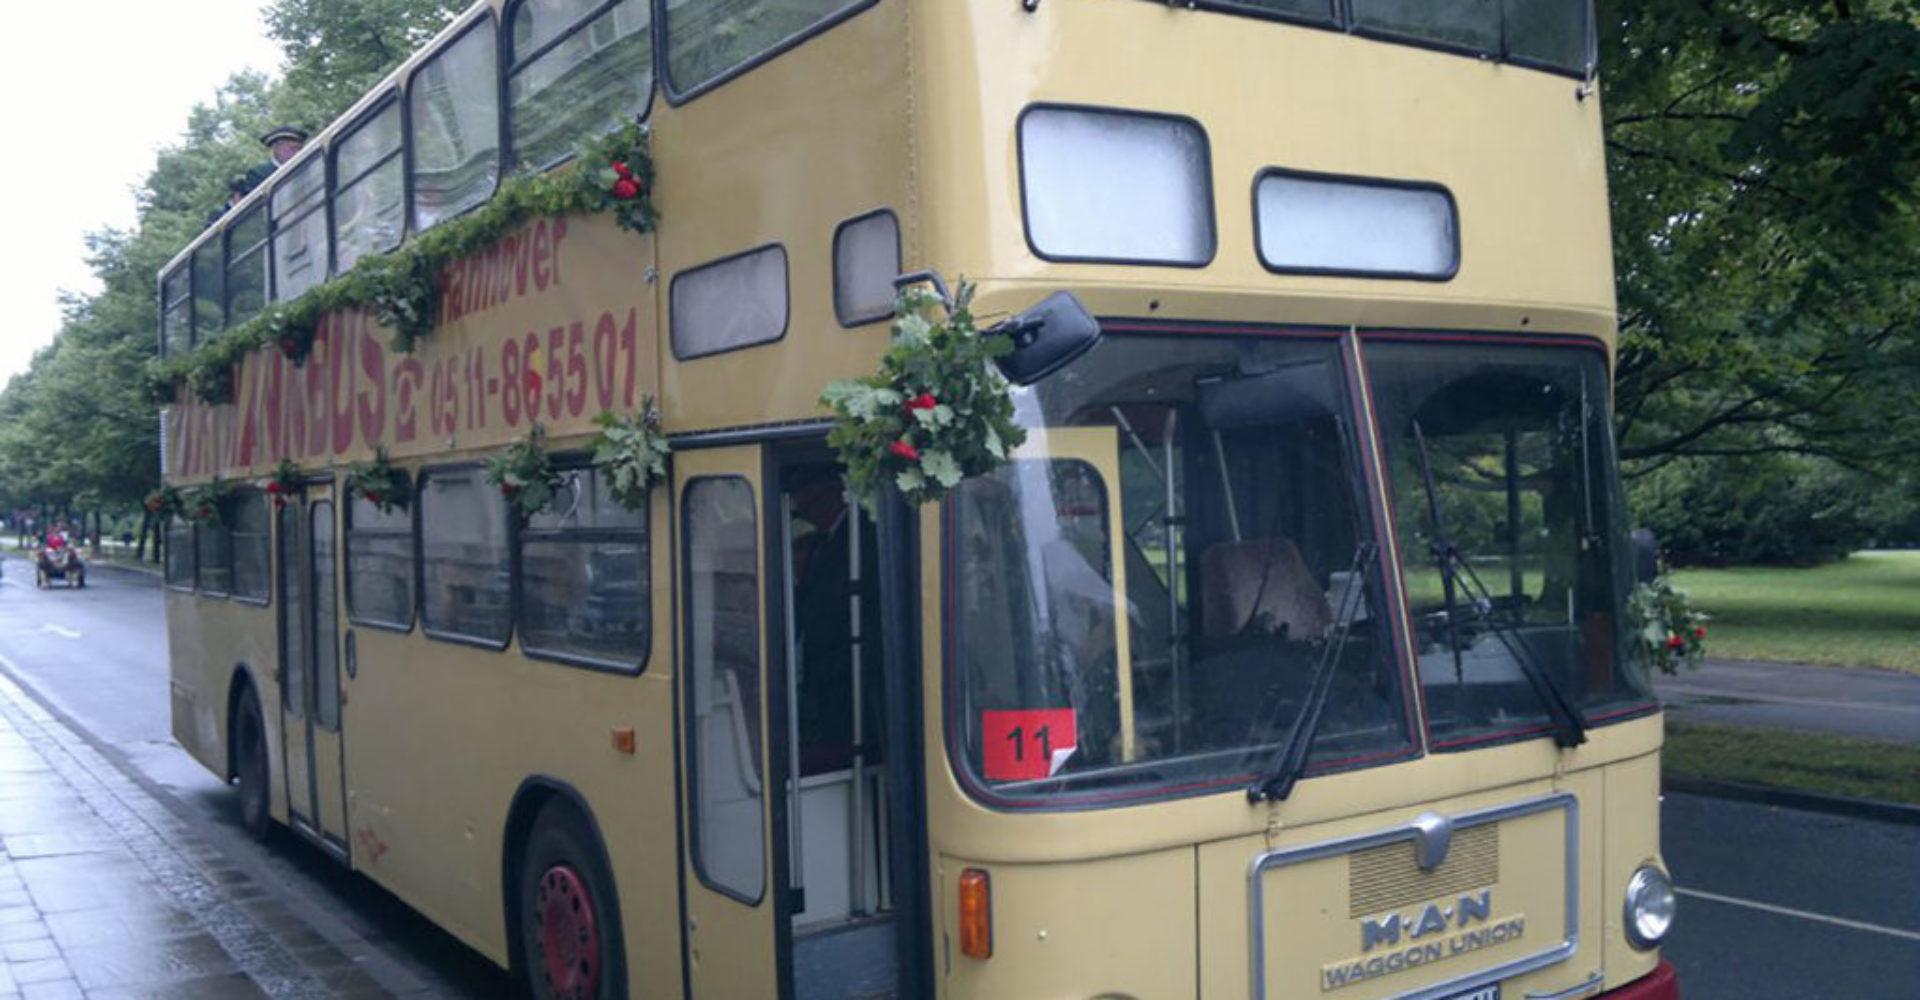 anmietung-reisebusse-2